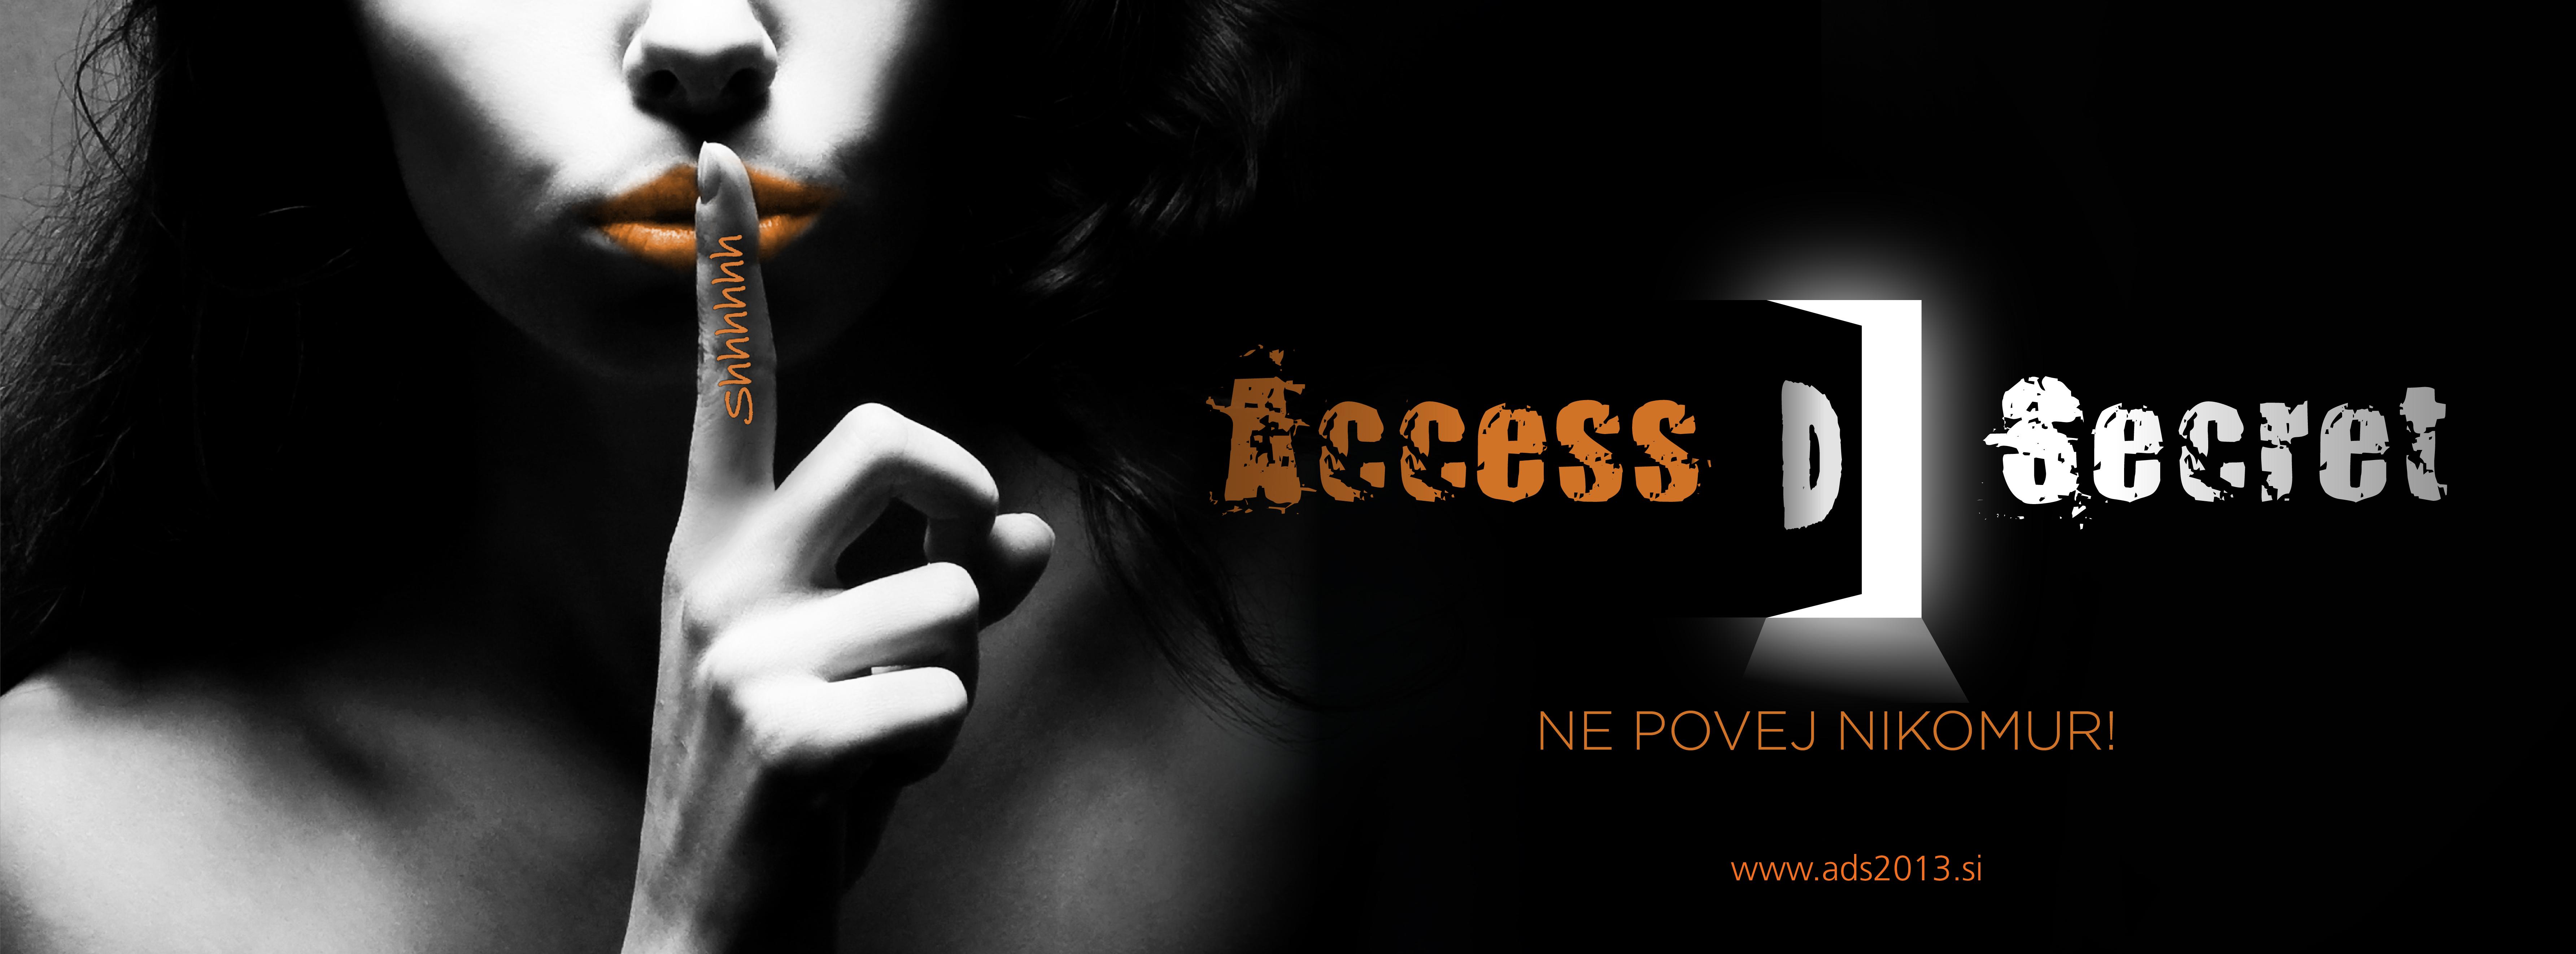 Access D Secret